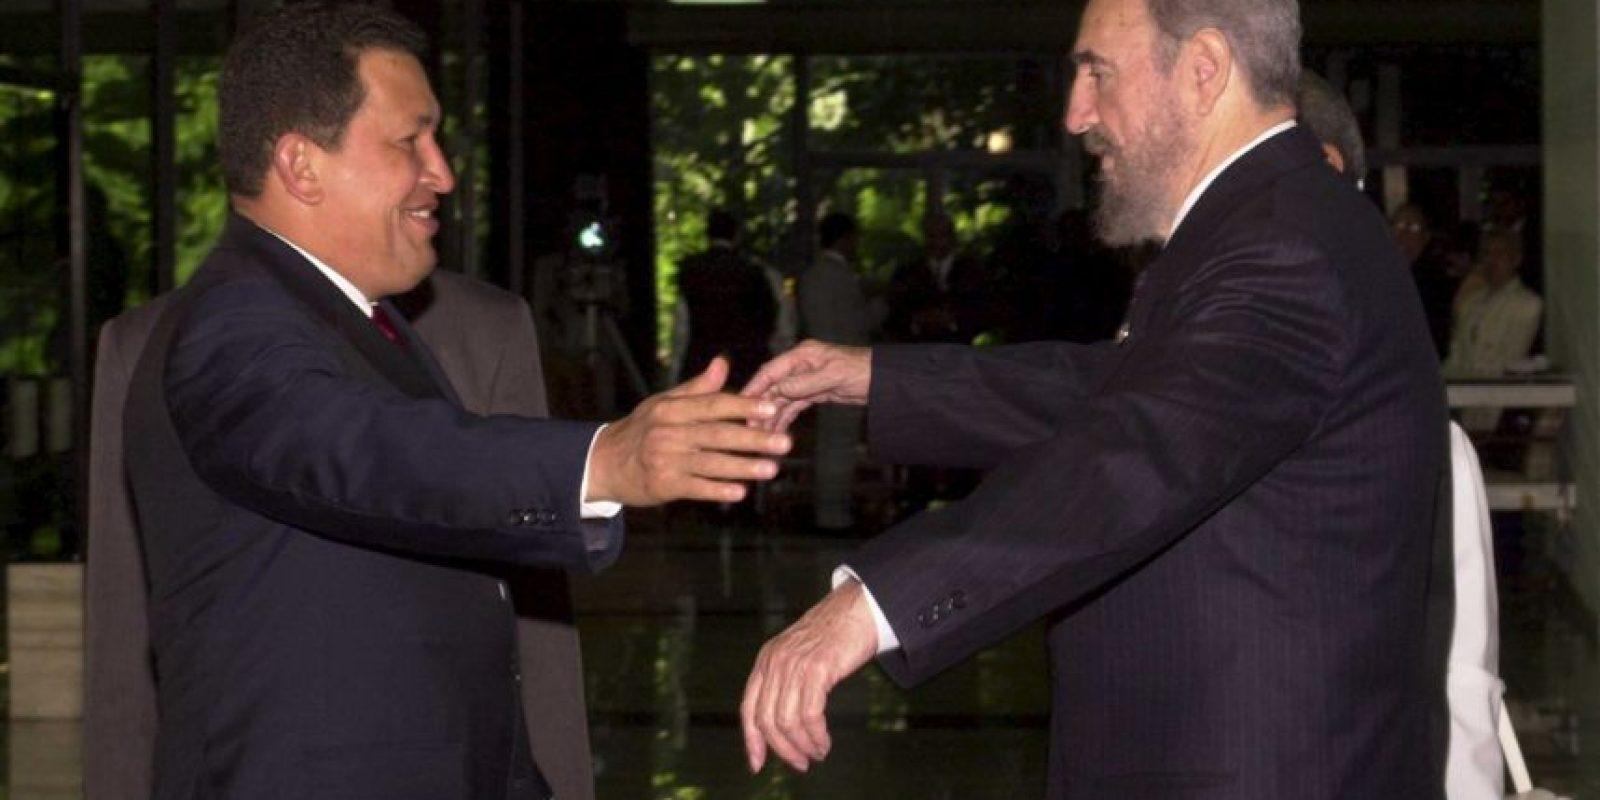 Aunque en el audio se escucha que el mandatario mexicano le pide que sea una llamada privada, las grabaciones fueron filtradas a los medios y el escándalo se apoderó del hecho. Fue la situación que tensó las relaciones de México y Cuba durante ocho años. Foto:Getty Images